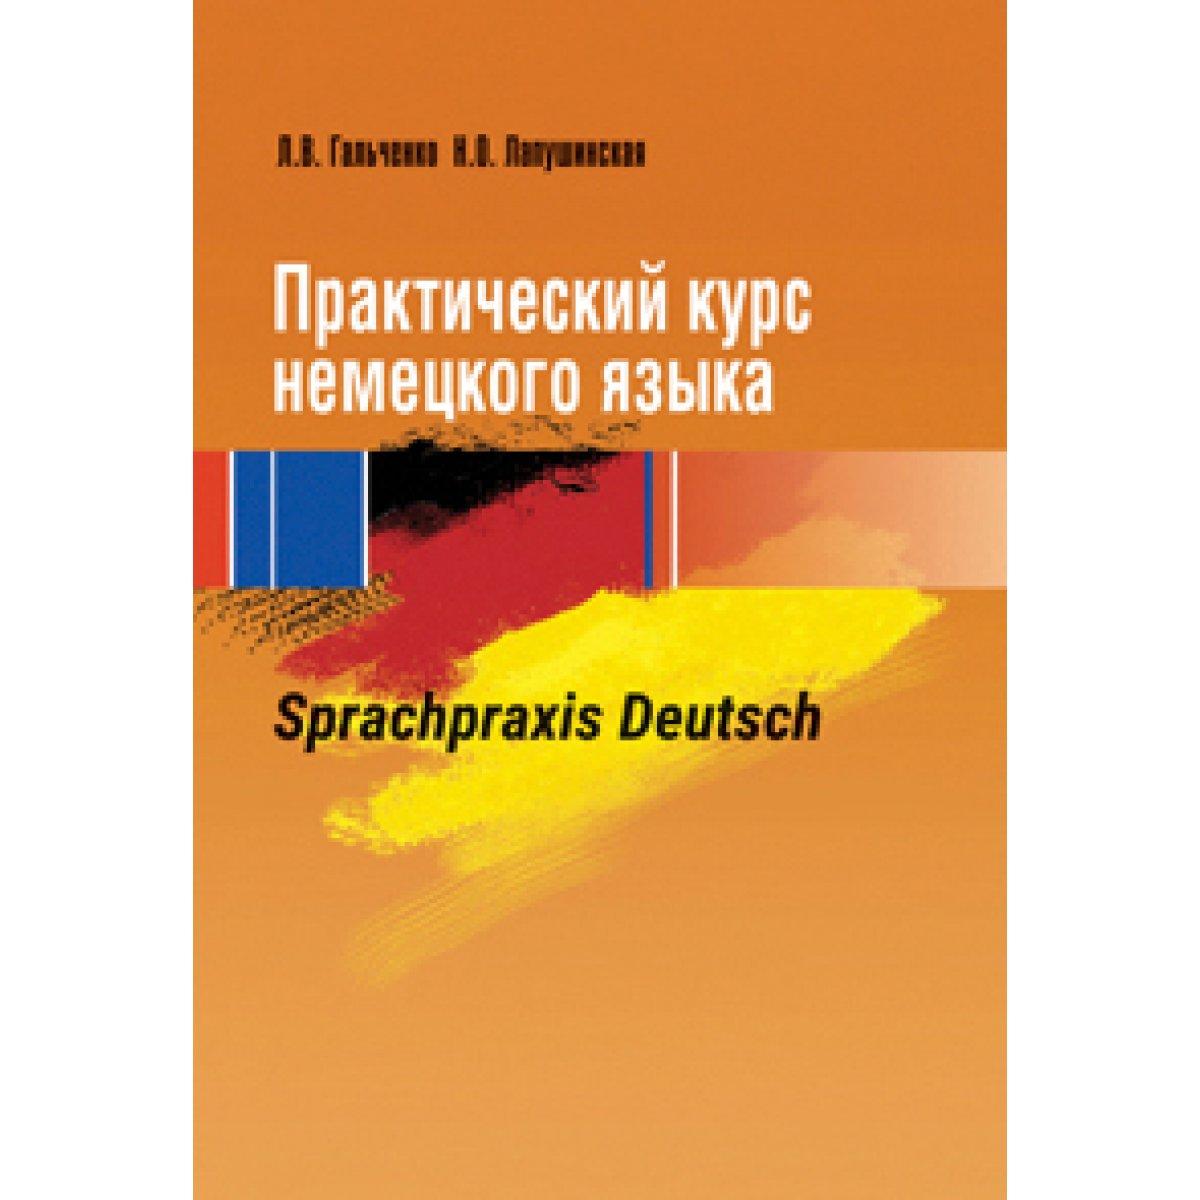 Решебник богданов немецкого языка практический курс